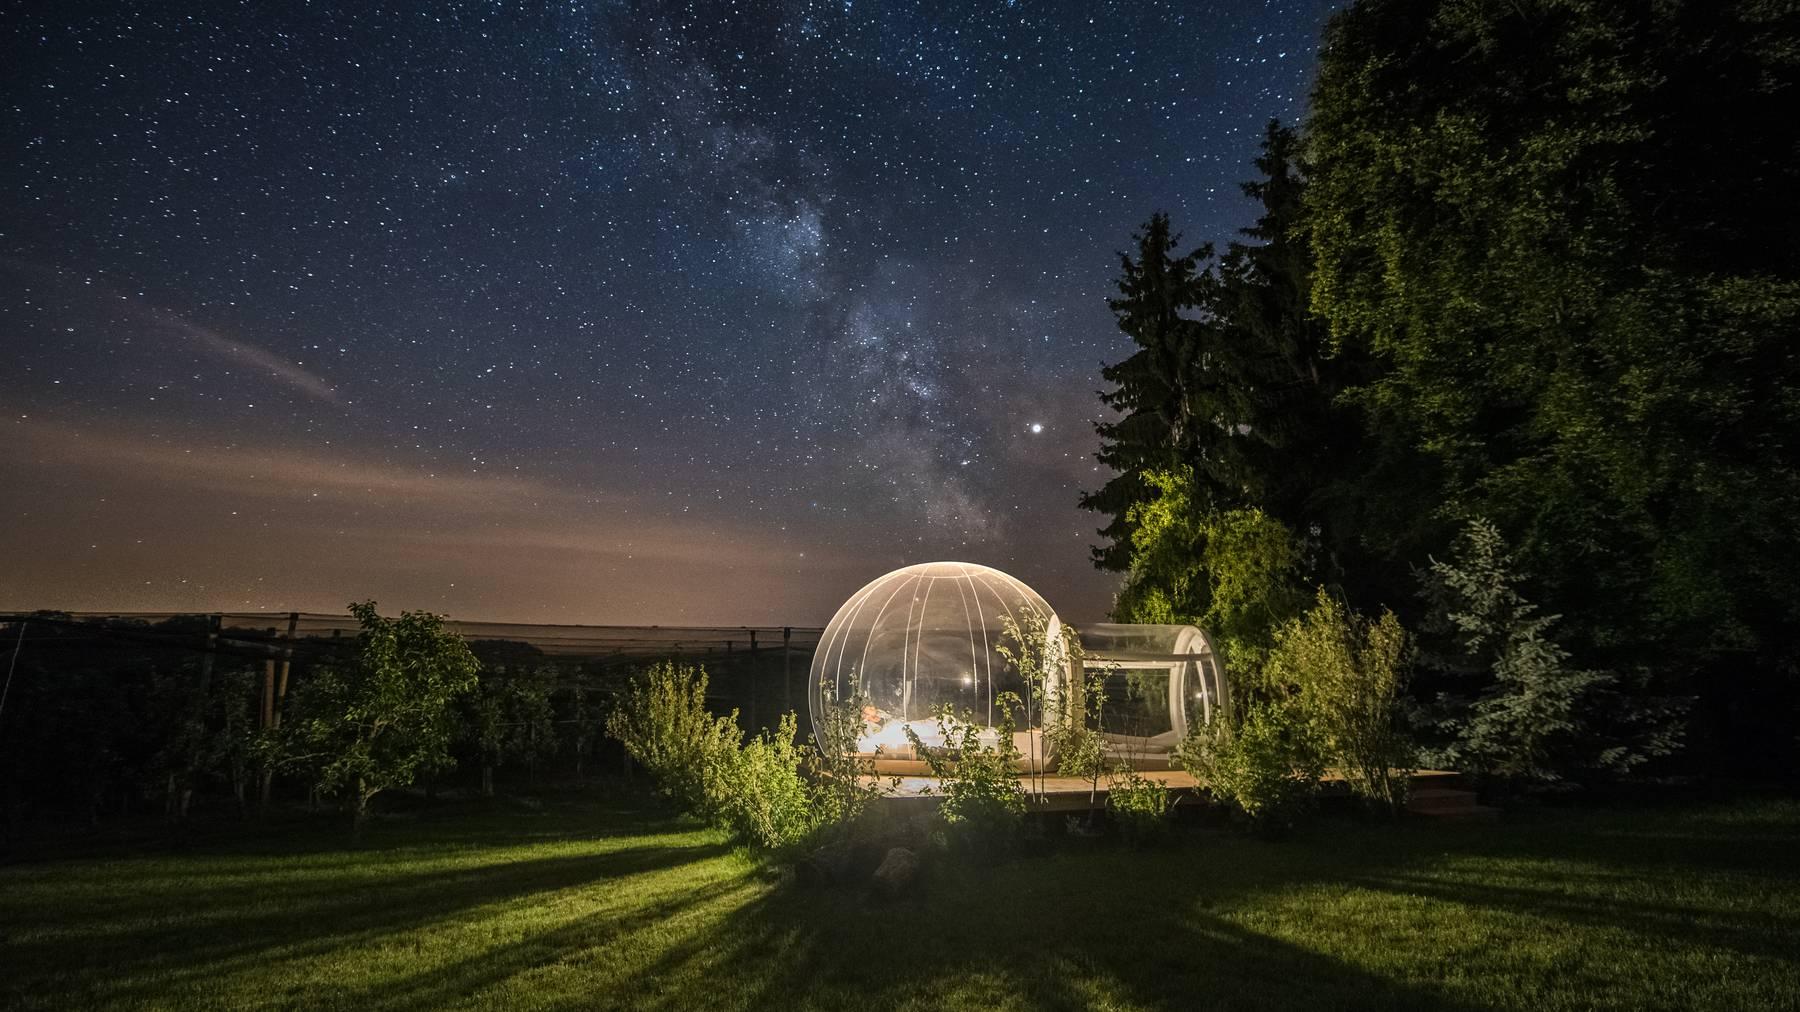 Altnau_Feierlenhof_Bubble_19